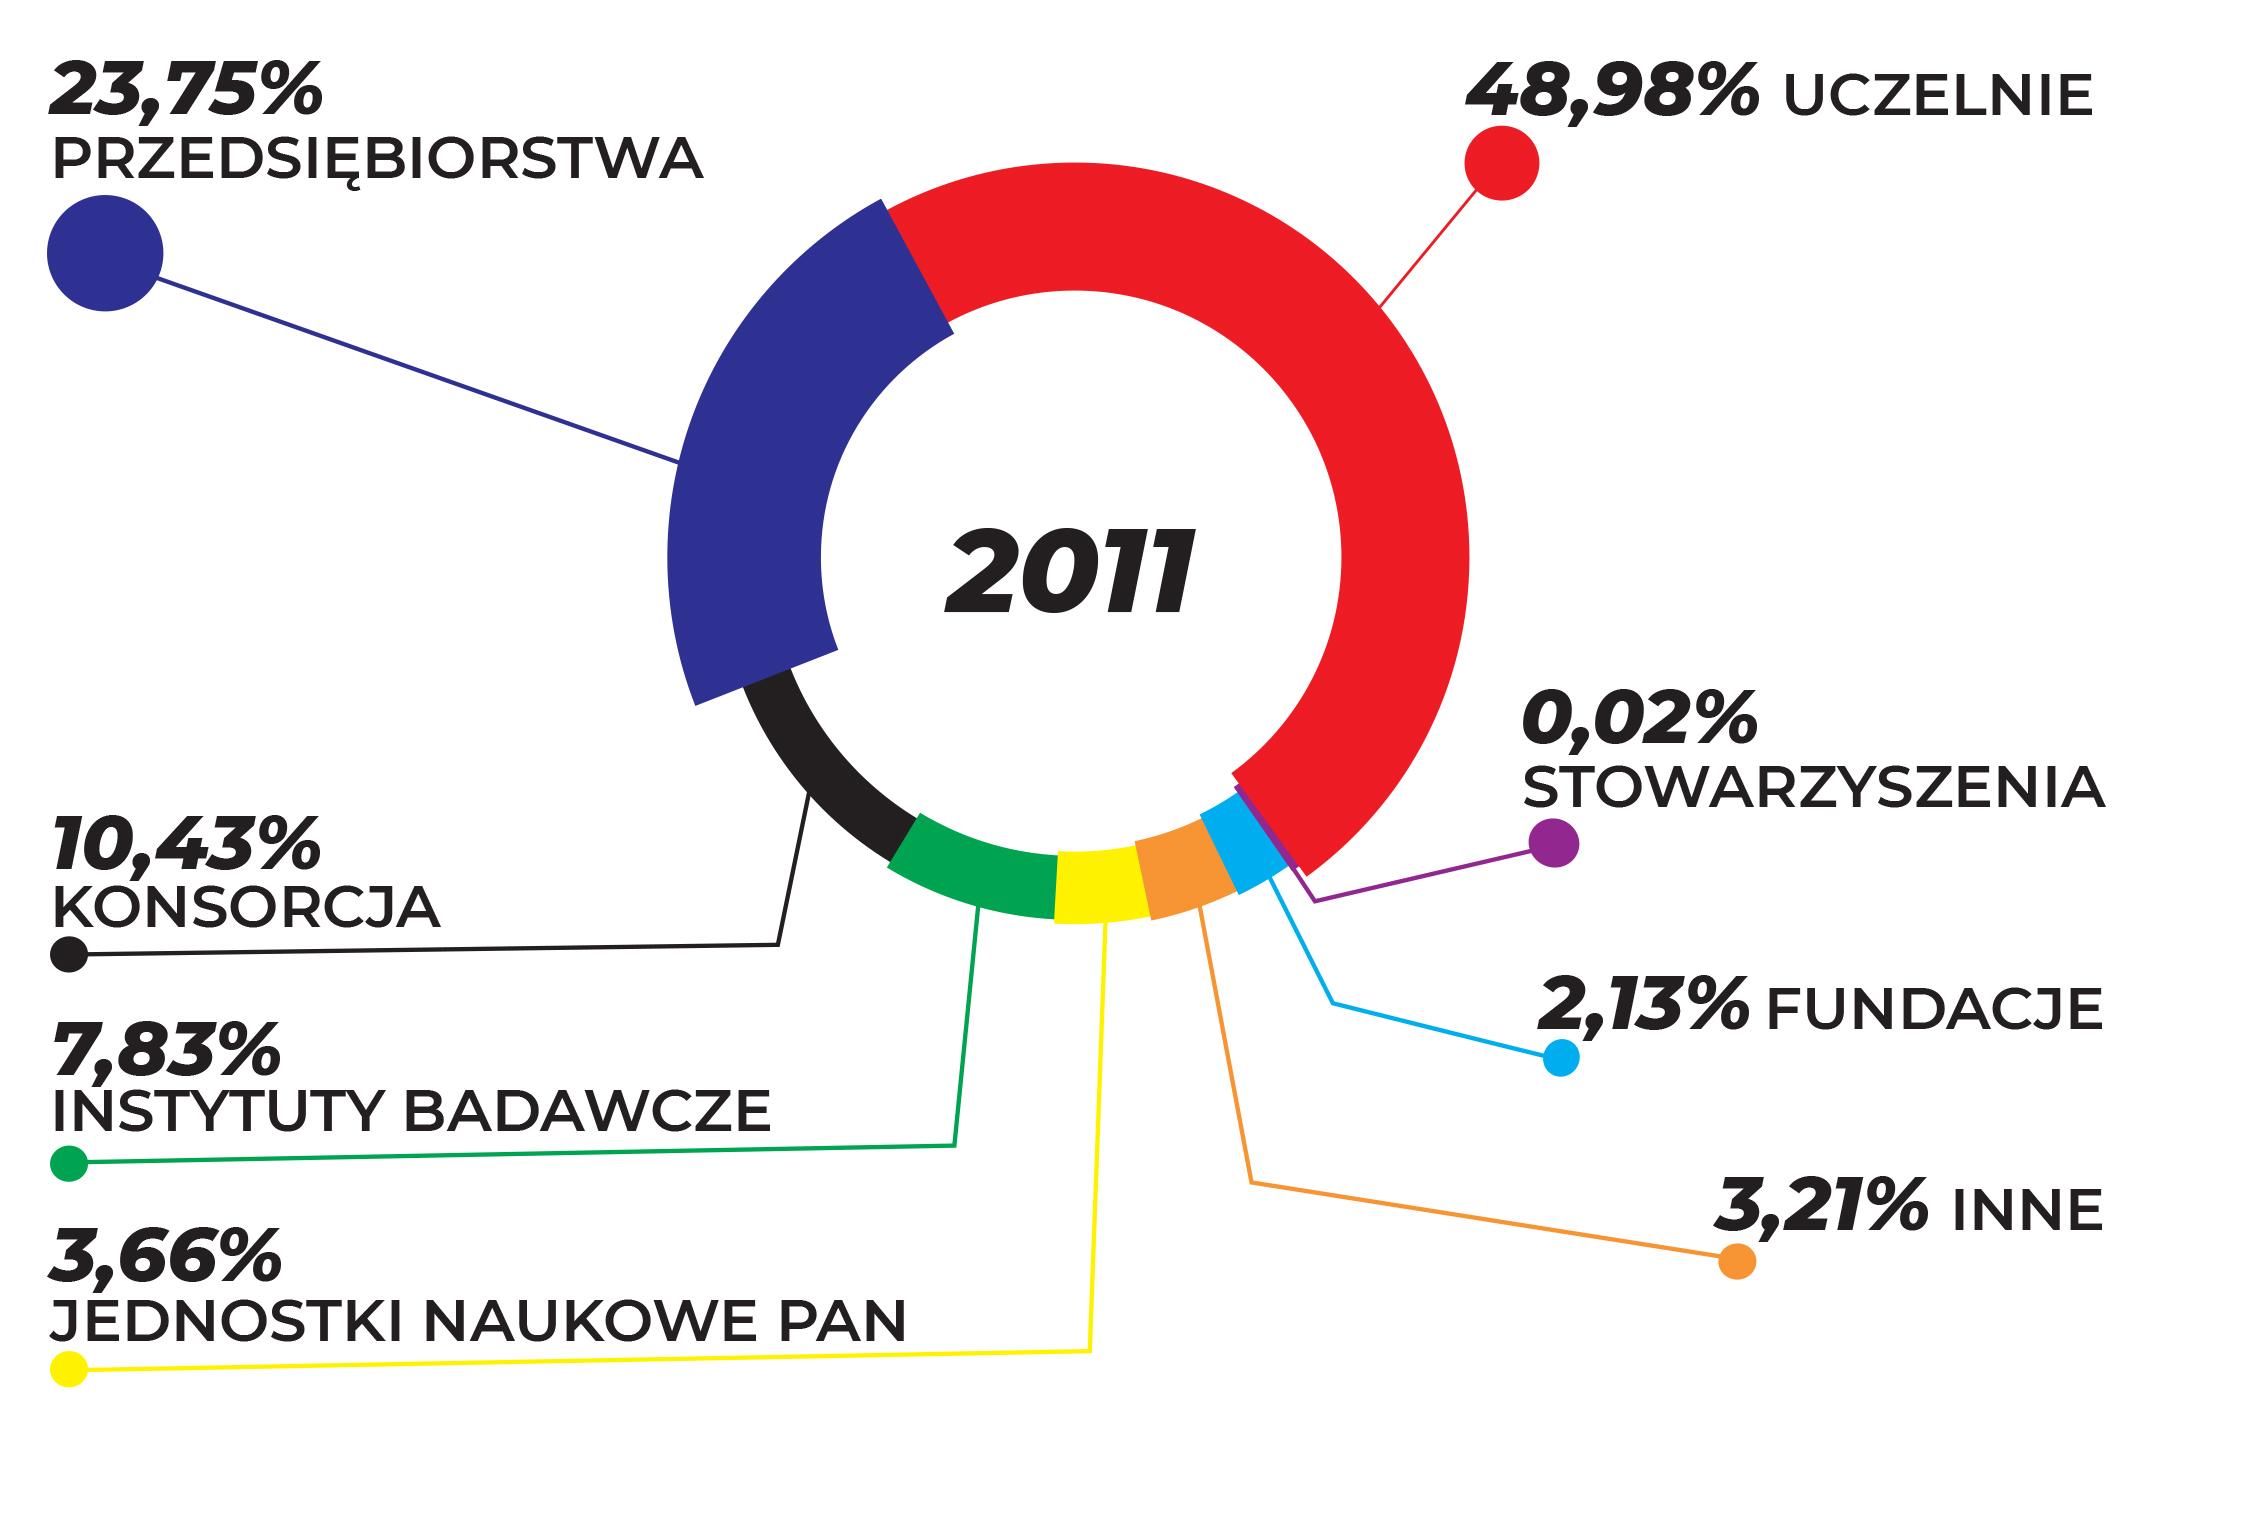 WYKRES PRZEDSTAWIA UDZIAŁ BENEFICJENTÓW W CAŁKOWITYM DOFINANSOWANIU W ZALEŻNOŚCI OD FORMY PRAWNEJ W ROKU 2011